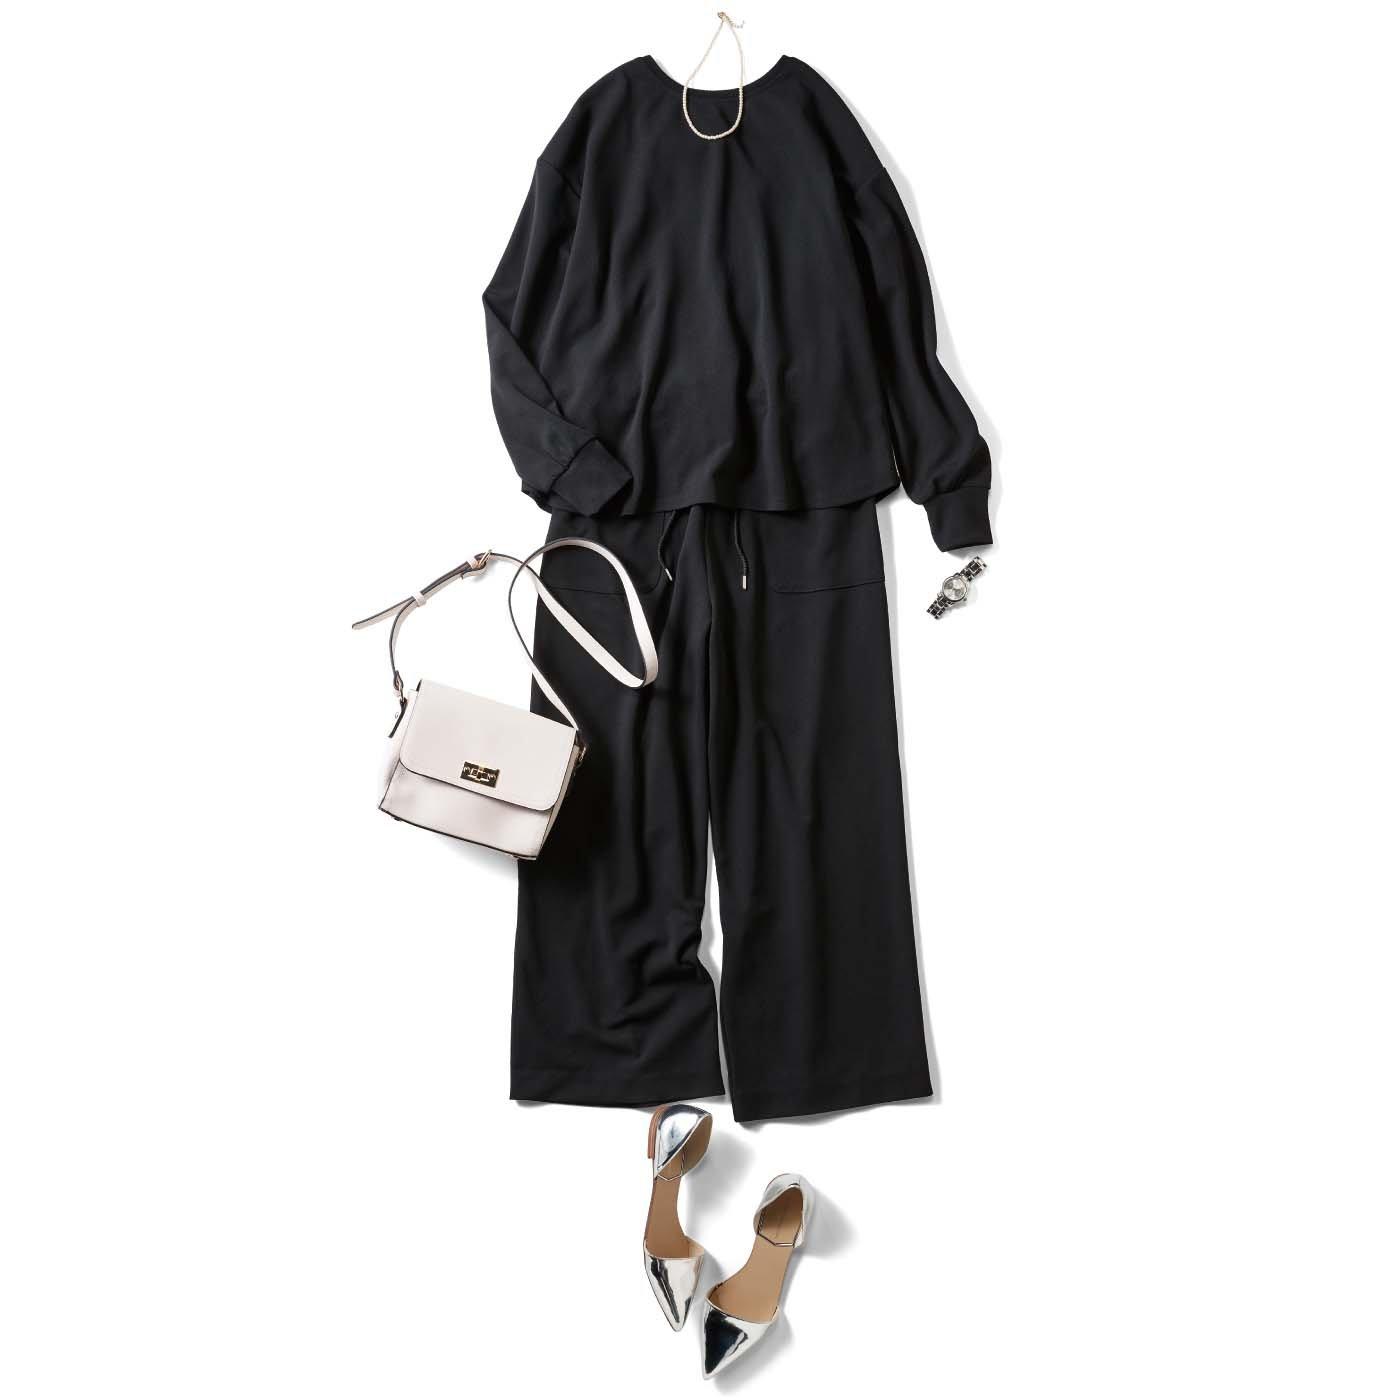 【3~10日でお届け】IEDIT[イディット] 2-WAYで着られてオンオフ着まわし自在 抗菌防臭カットソーセットアップ〈ブラック〉